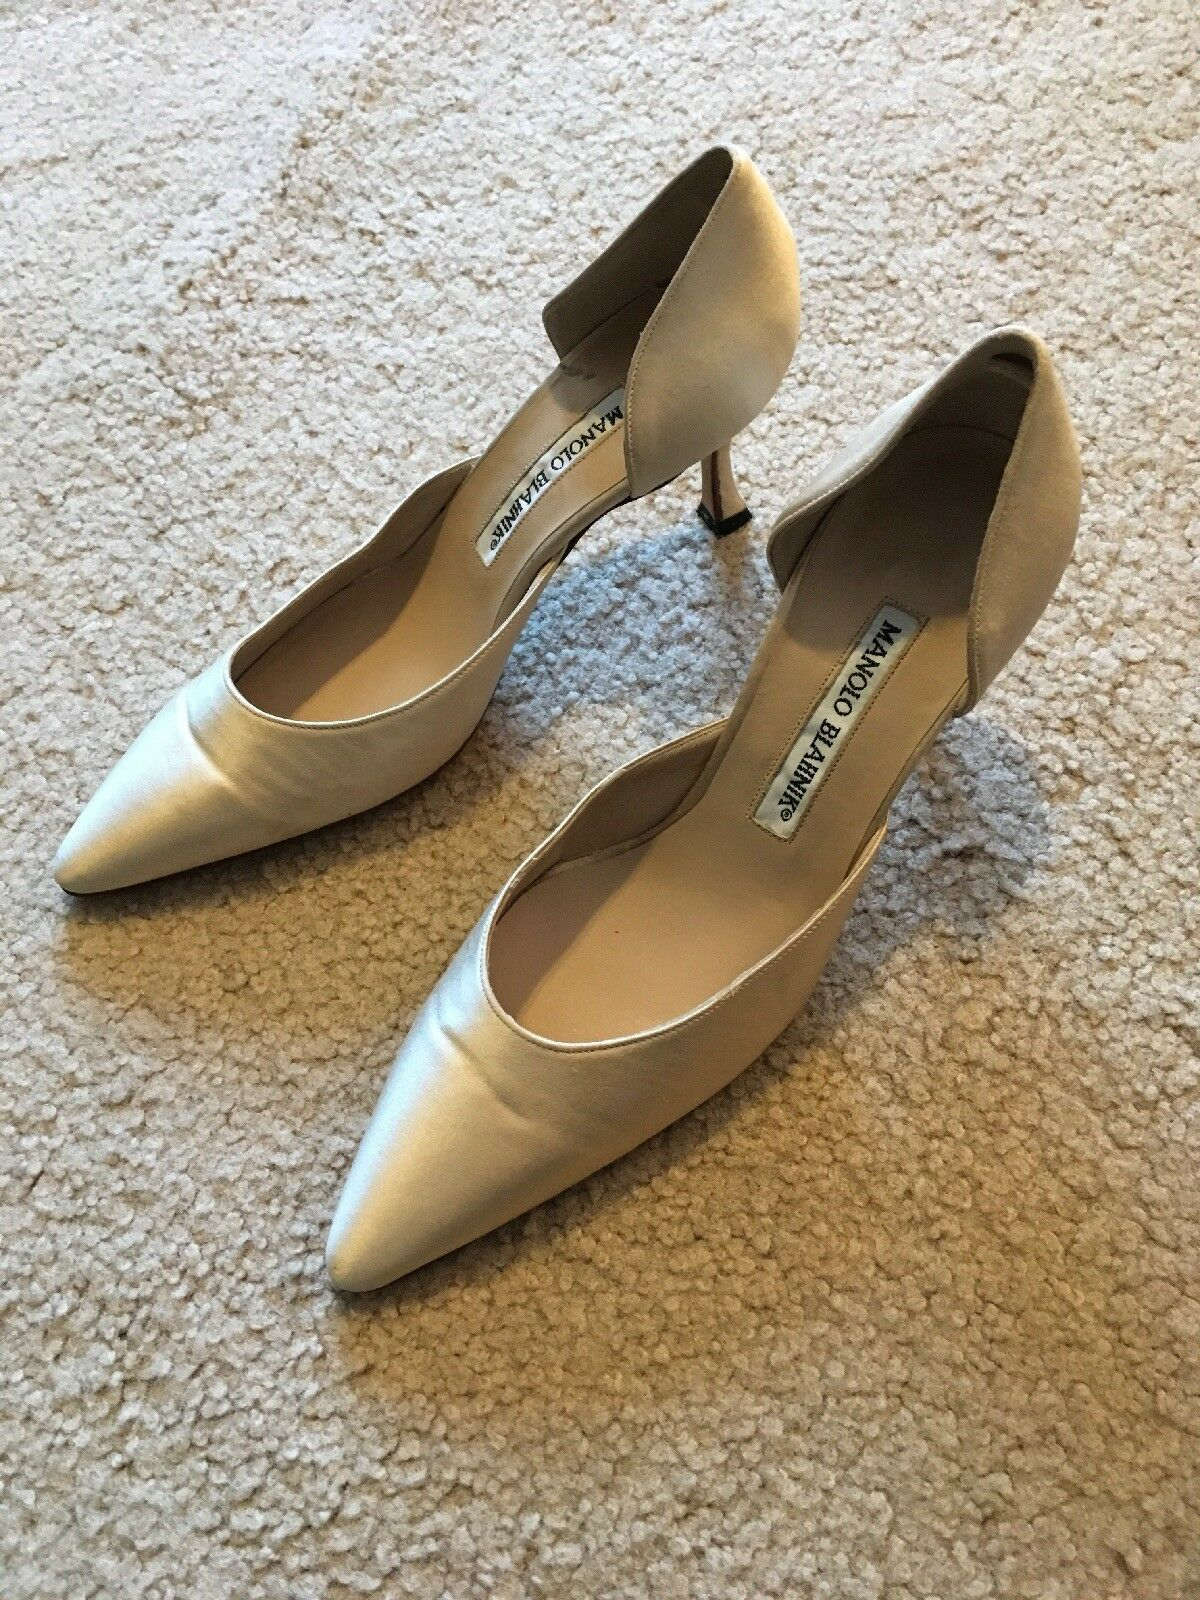 Manolo Blahnik Color Color Color Beige Satin señaló-Toe Zapatos De Tacón Talla 35 auténtico d 'Orsay  gran venta